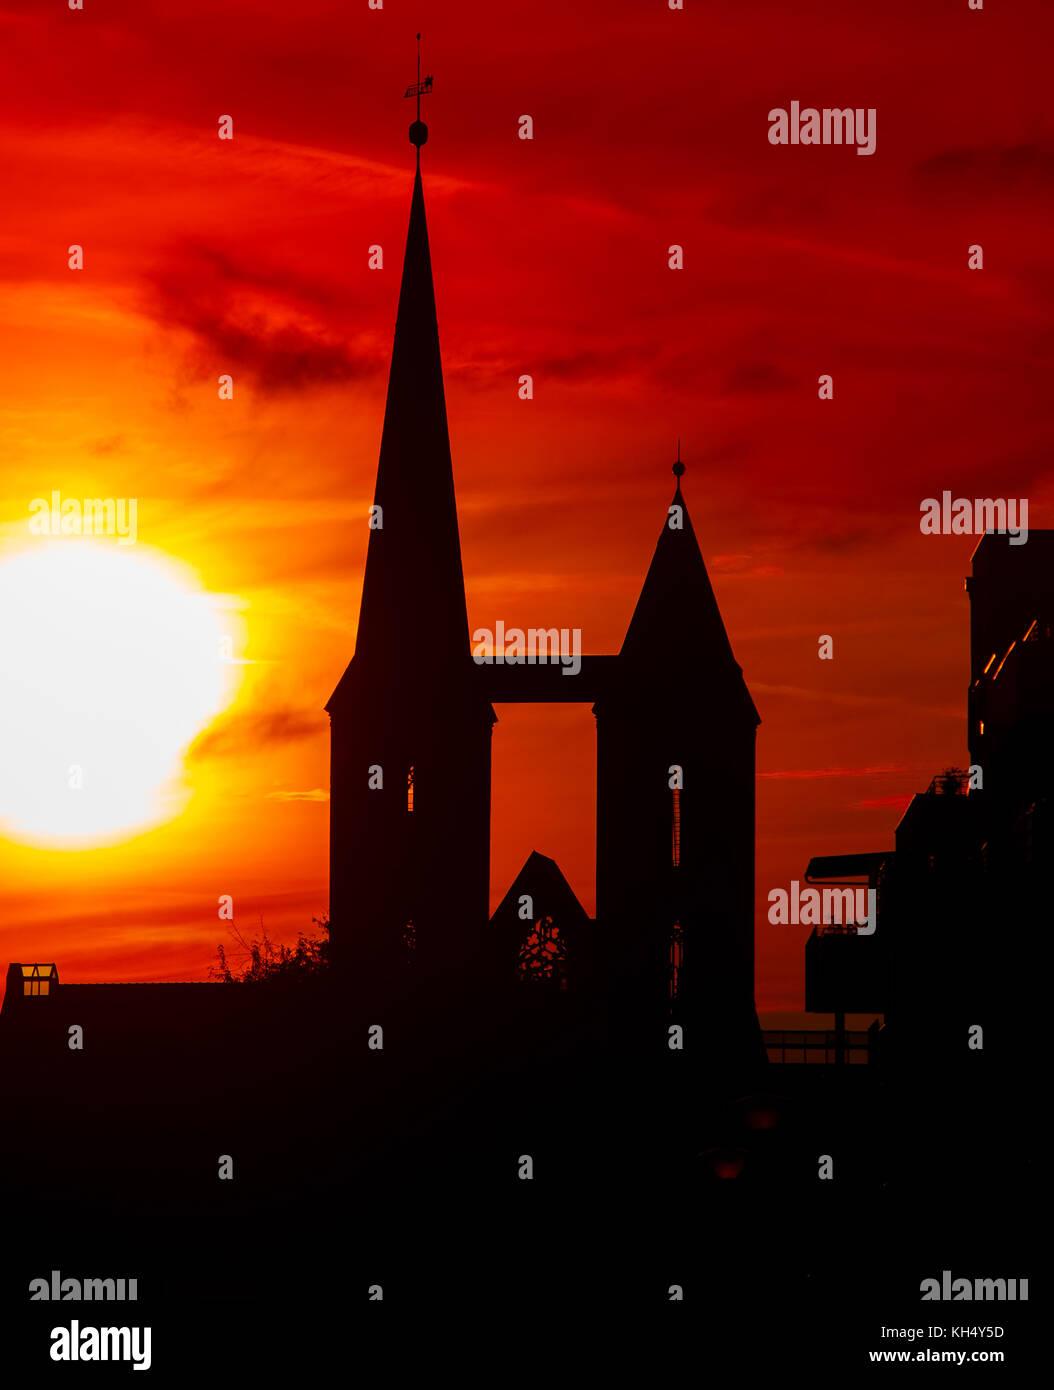 der Dom Halberstadt im Sonnenuntergang - Stock Image